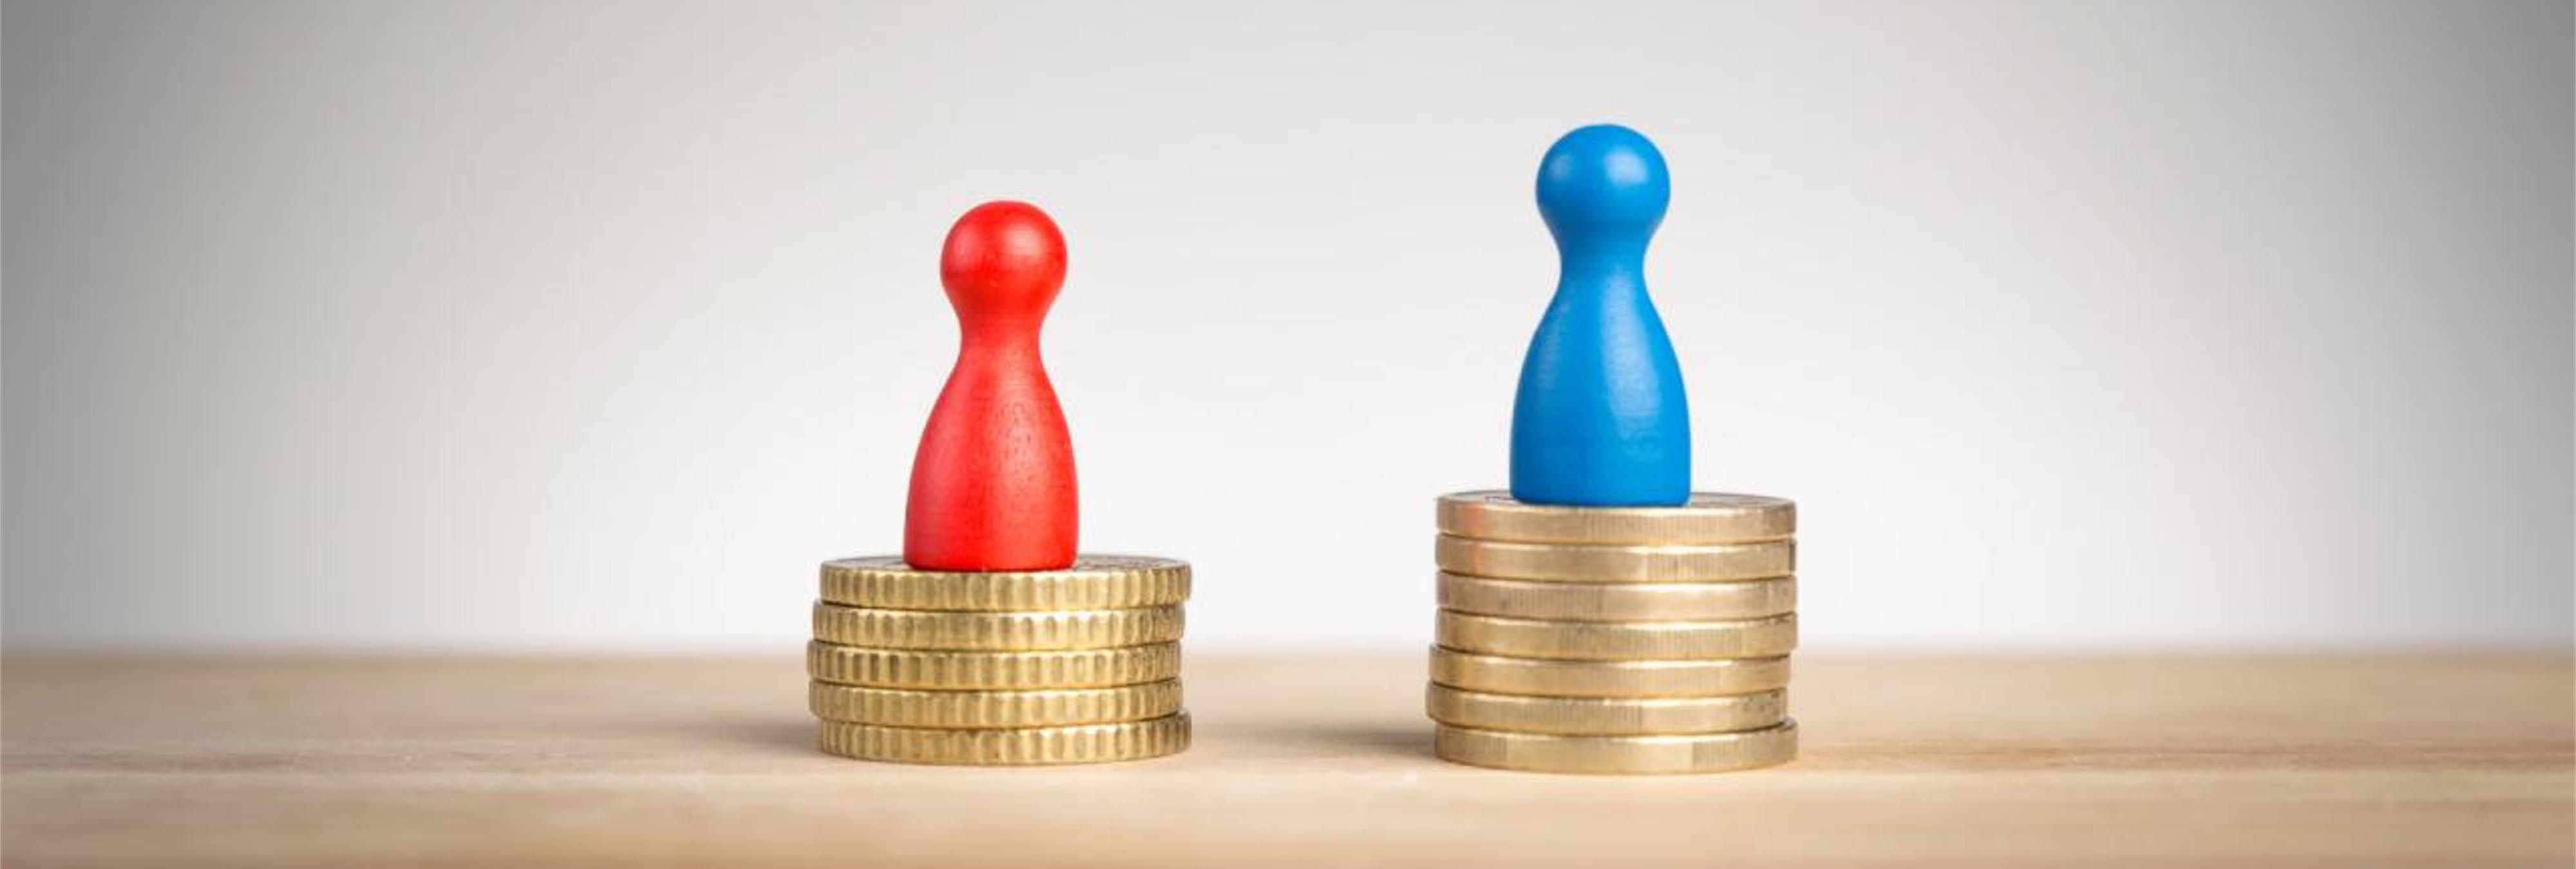 Islandia hace historia y declara  ilegal la brecha salarial entre hombres y mujeres